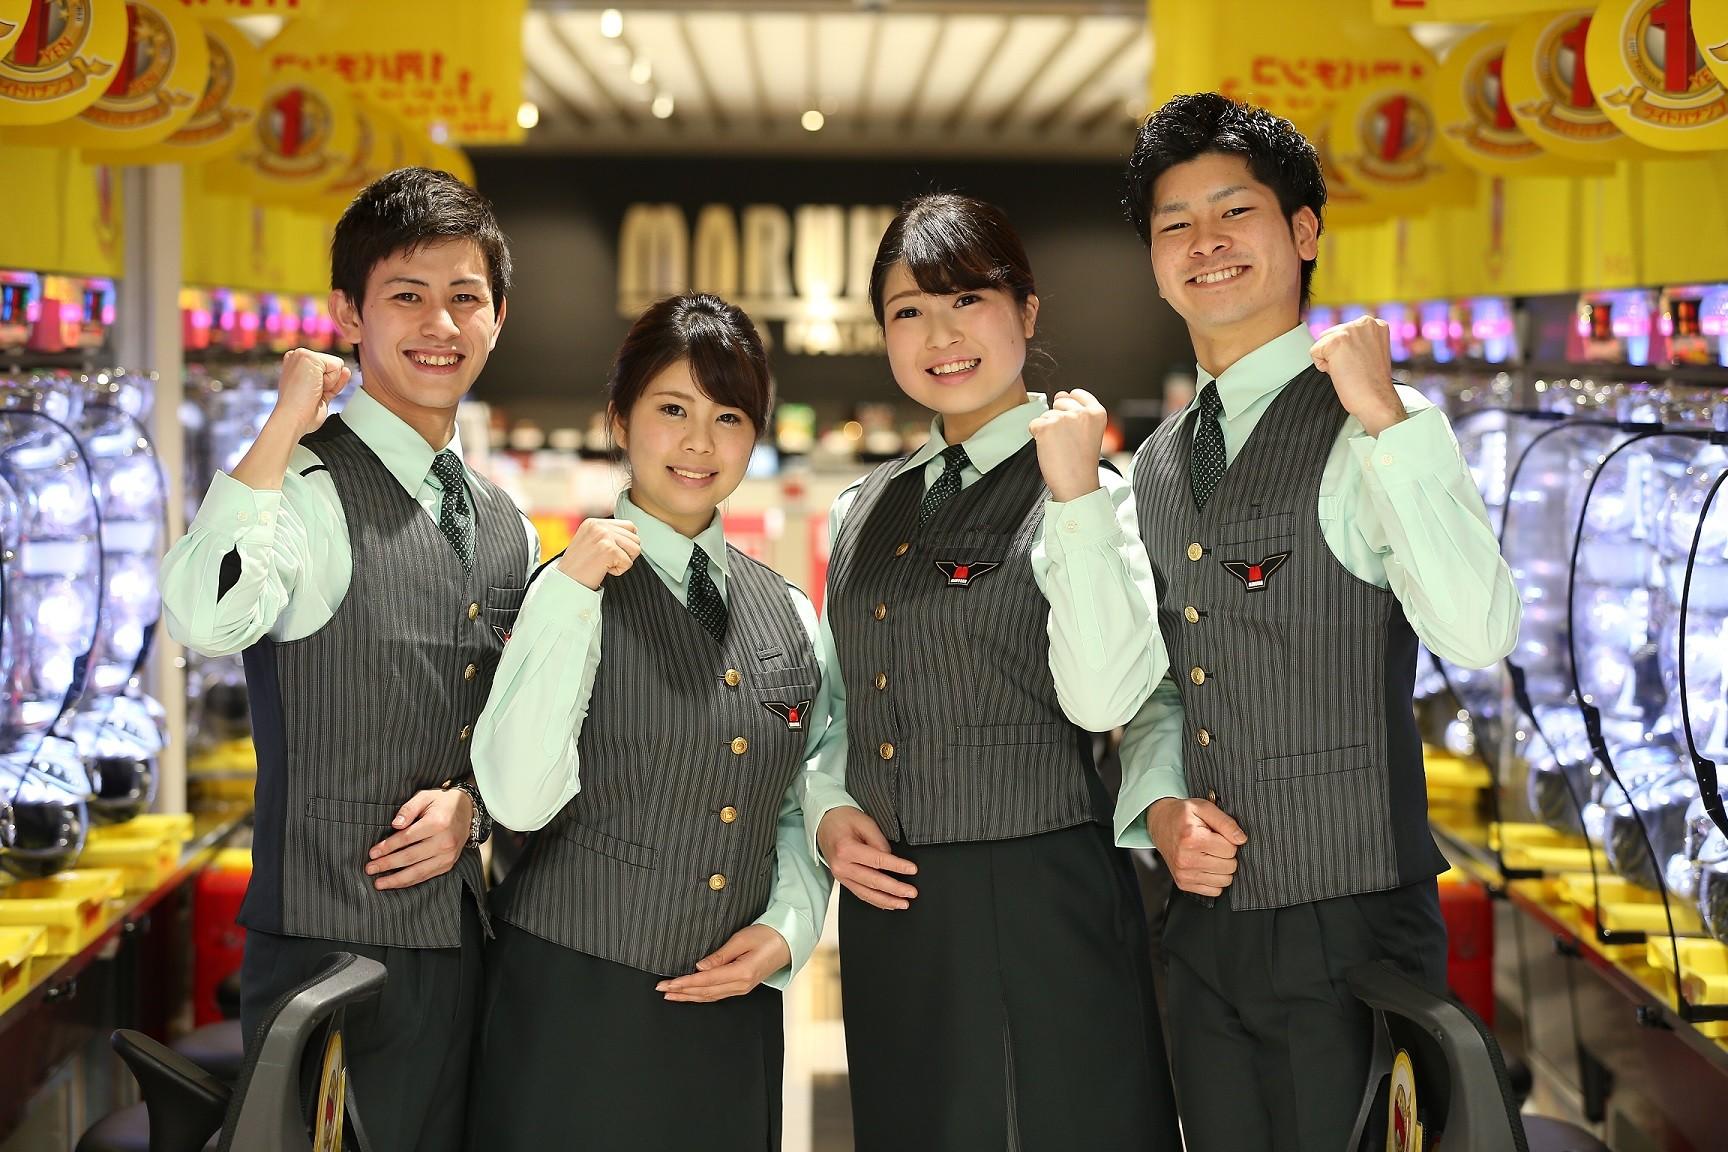 マルハン 鹿浜店[1311]のアルバイト情報